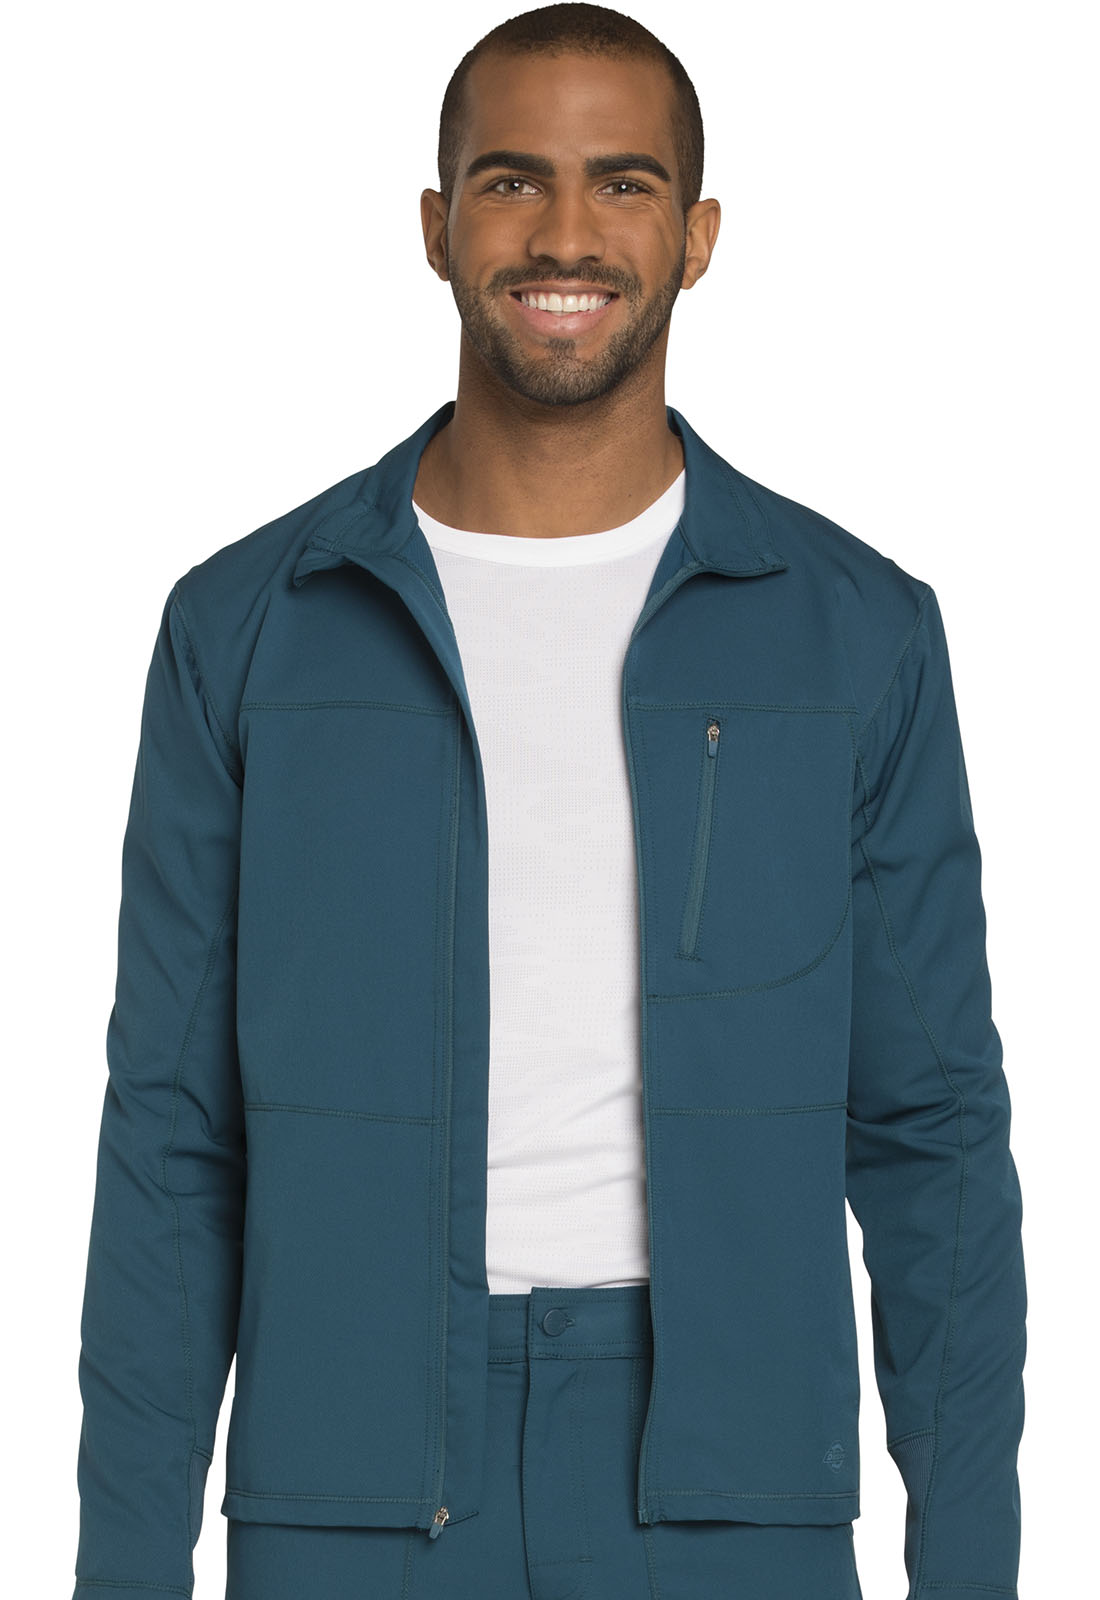 Dickies Dynamix Men's Zip Front Warm-up Jacket in ...